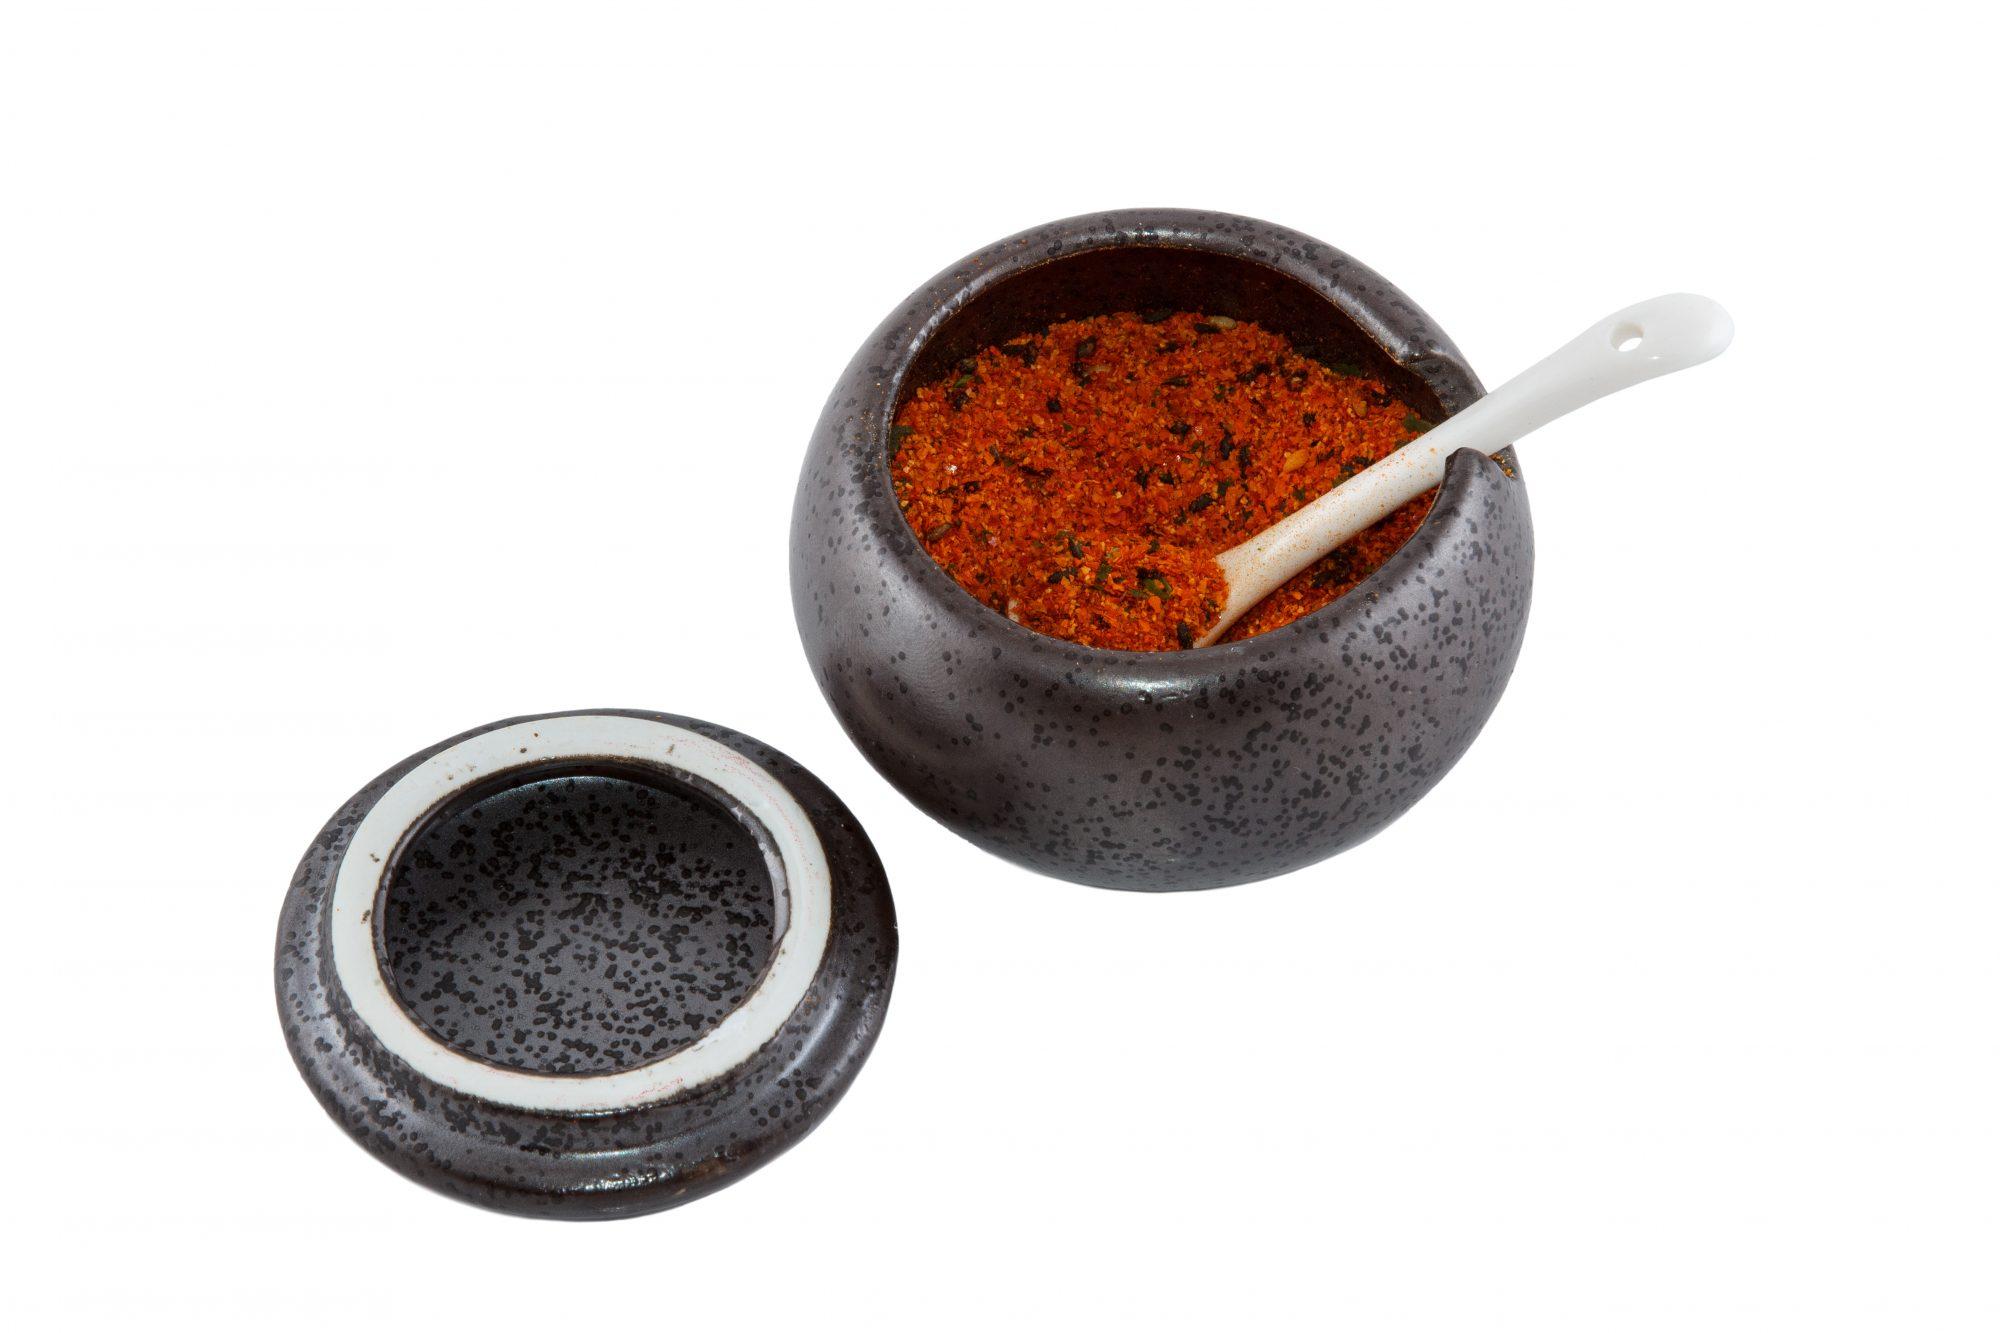 Nama Shichimi Tougarashi Japanese chili)